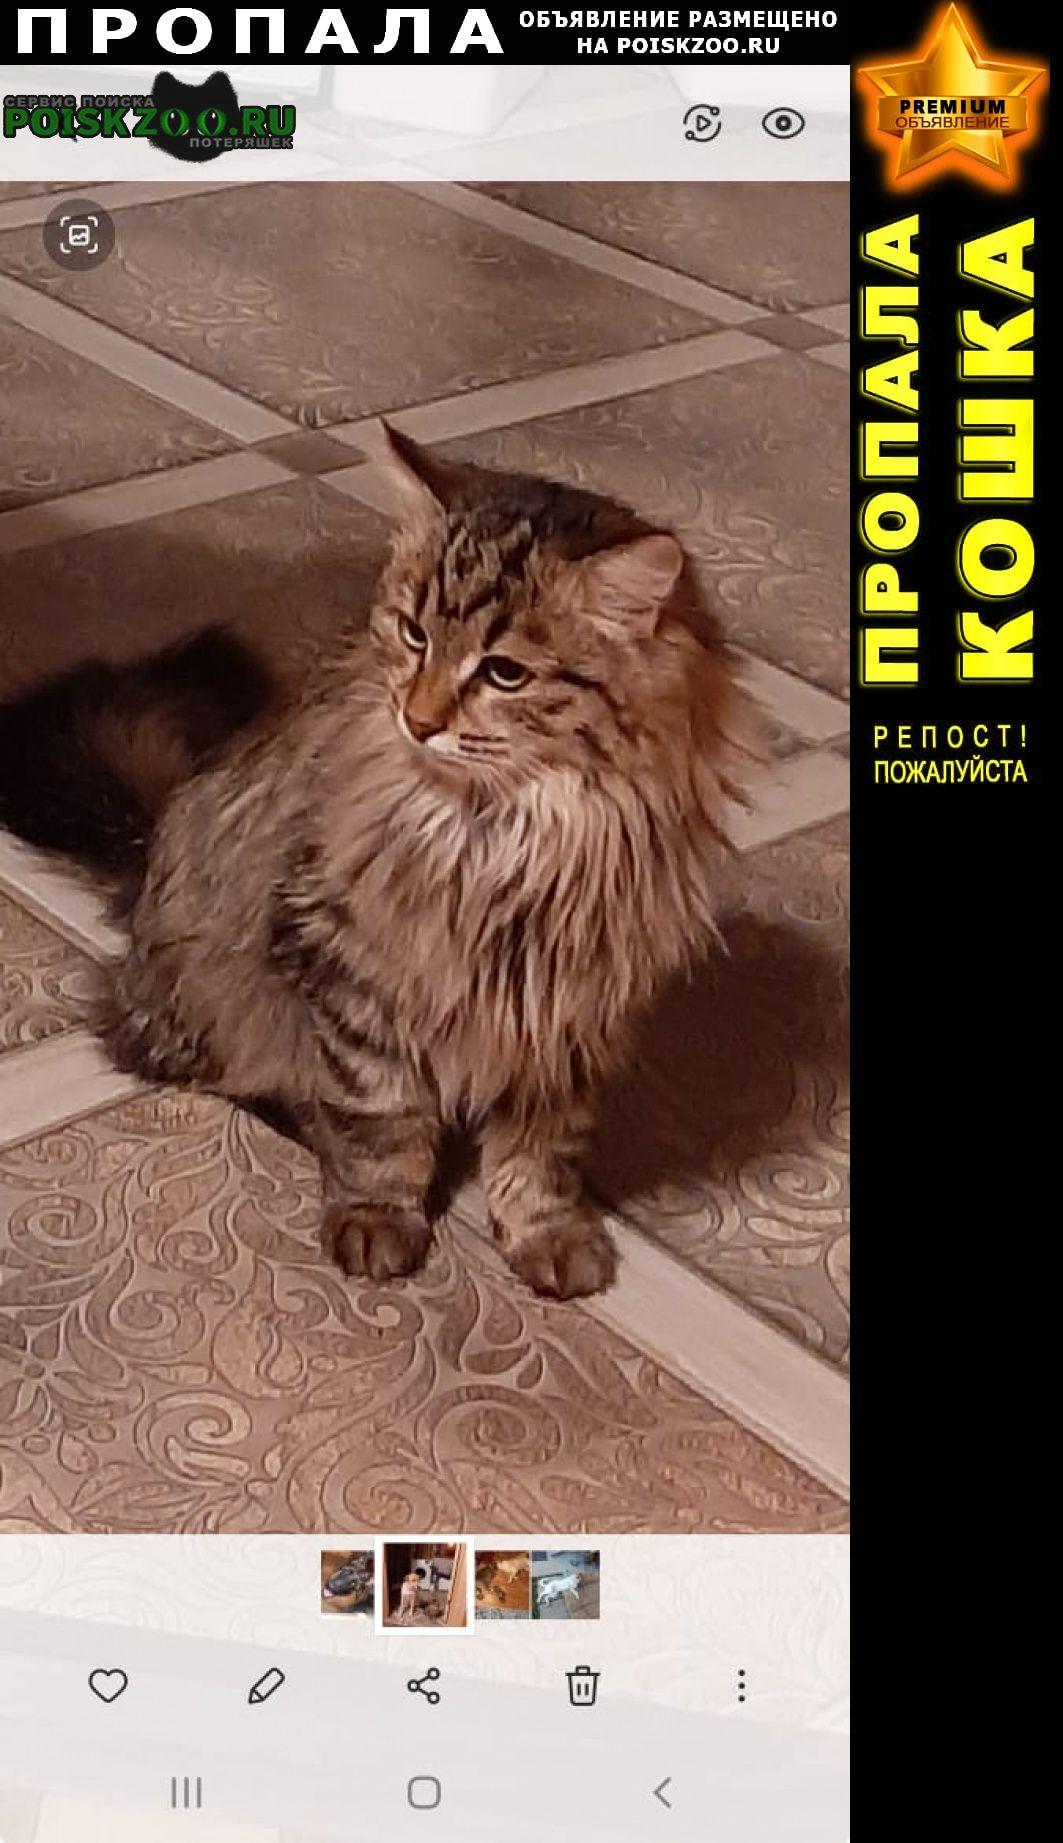 Чехов Пропала кошка дер красные орлы снт луч минэнерго